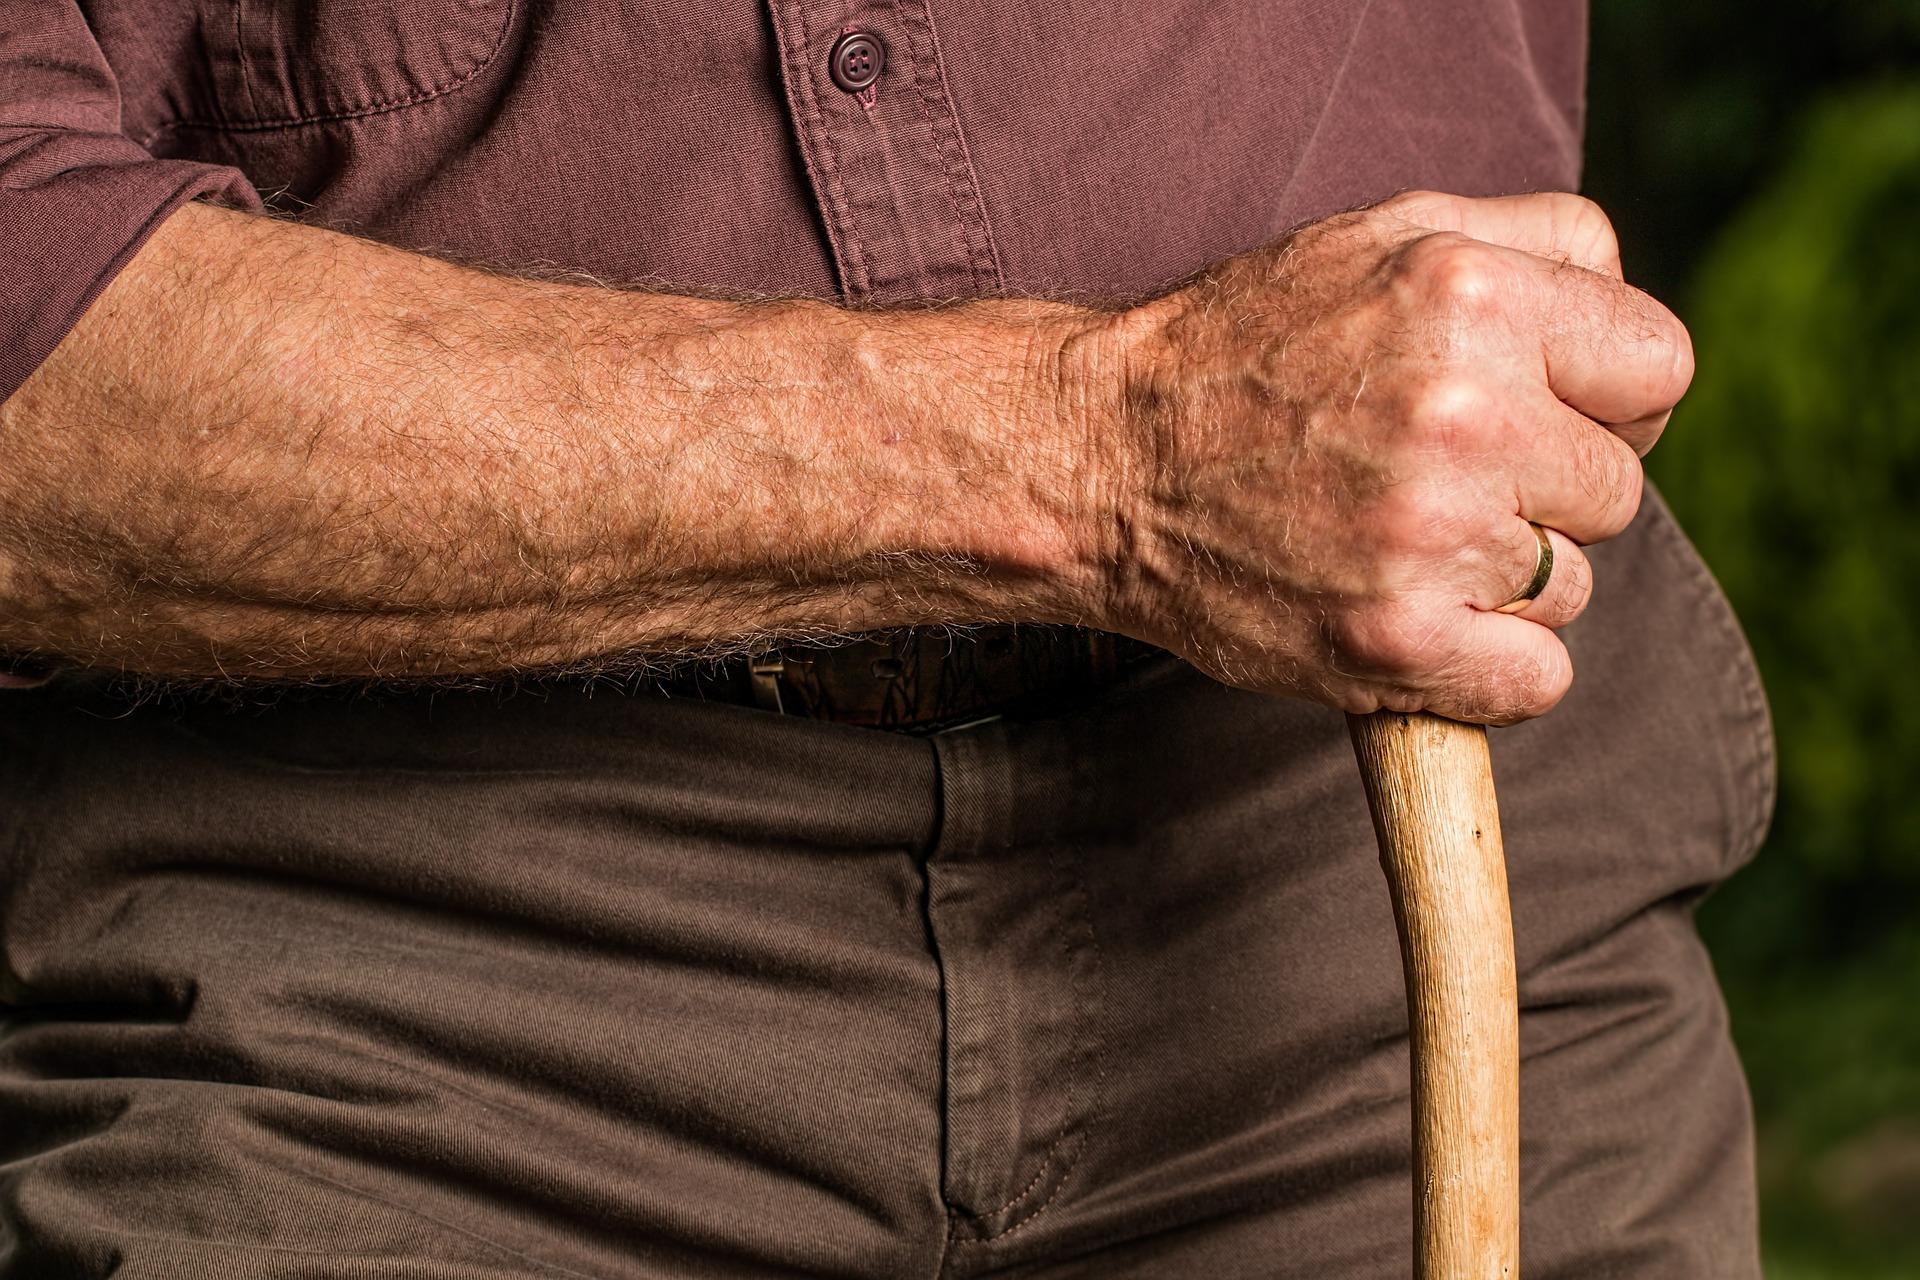 SaniSolve Keeps Nursing Homes Safe & Clean